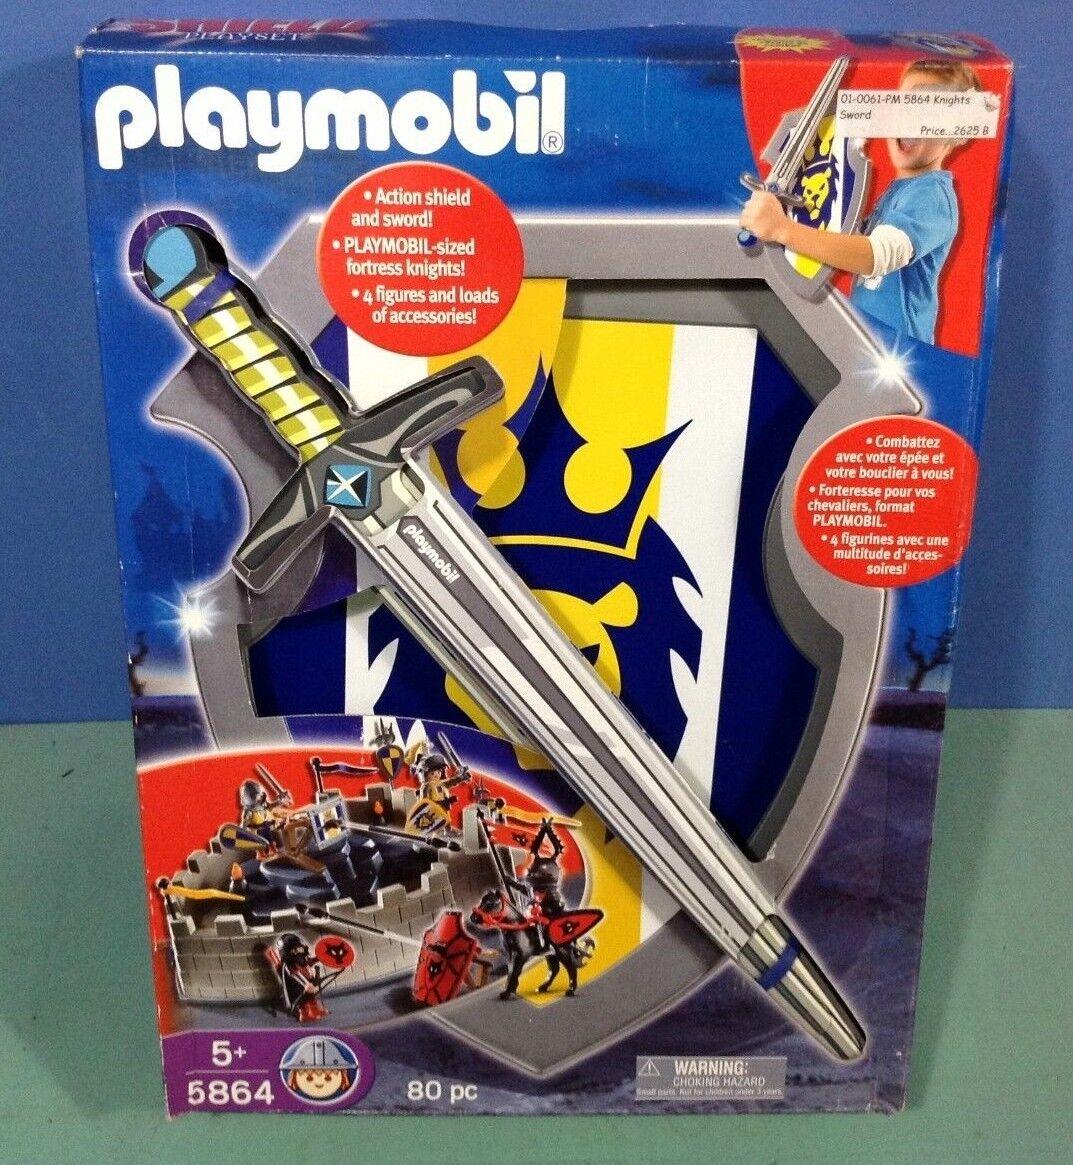 (N5864) playmobil Gros set chevalier avec bouclier épée ref 5864  en boite neuve  popolare